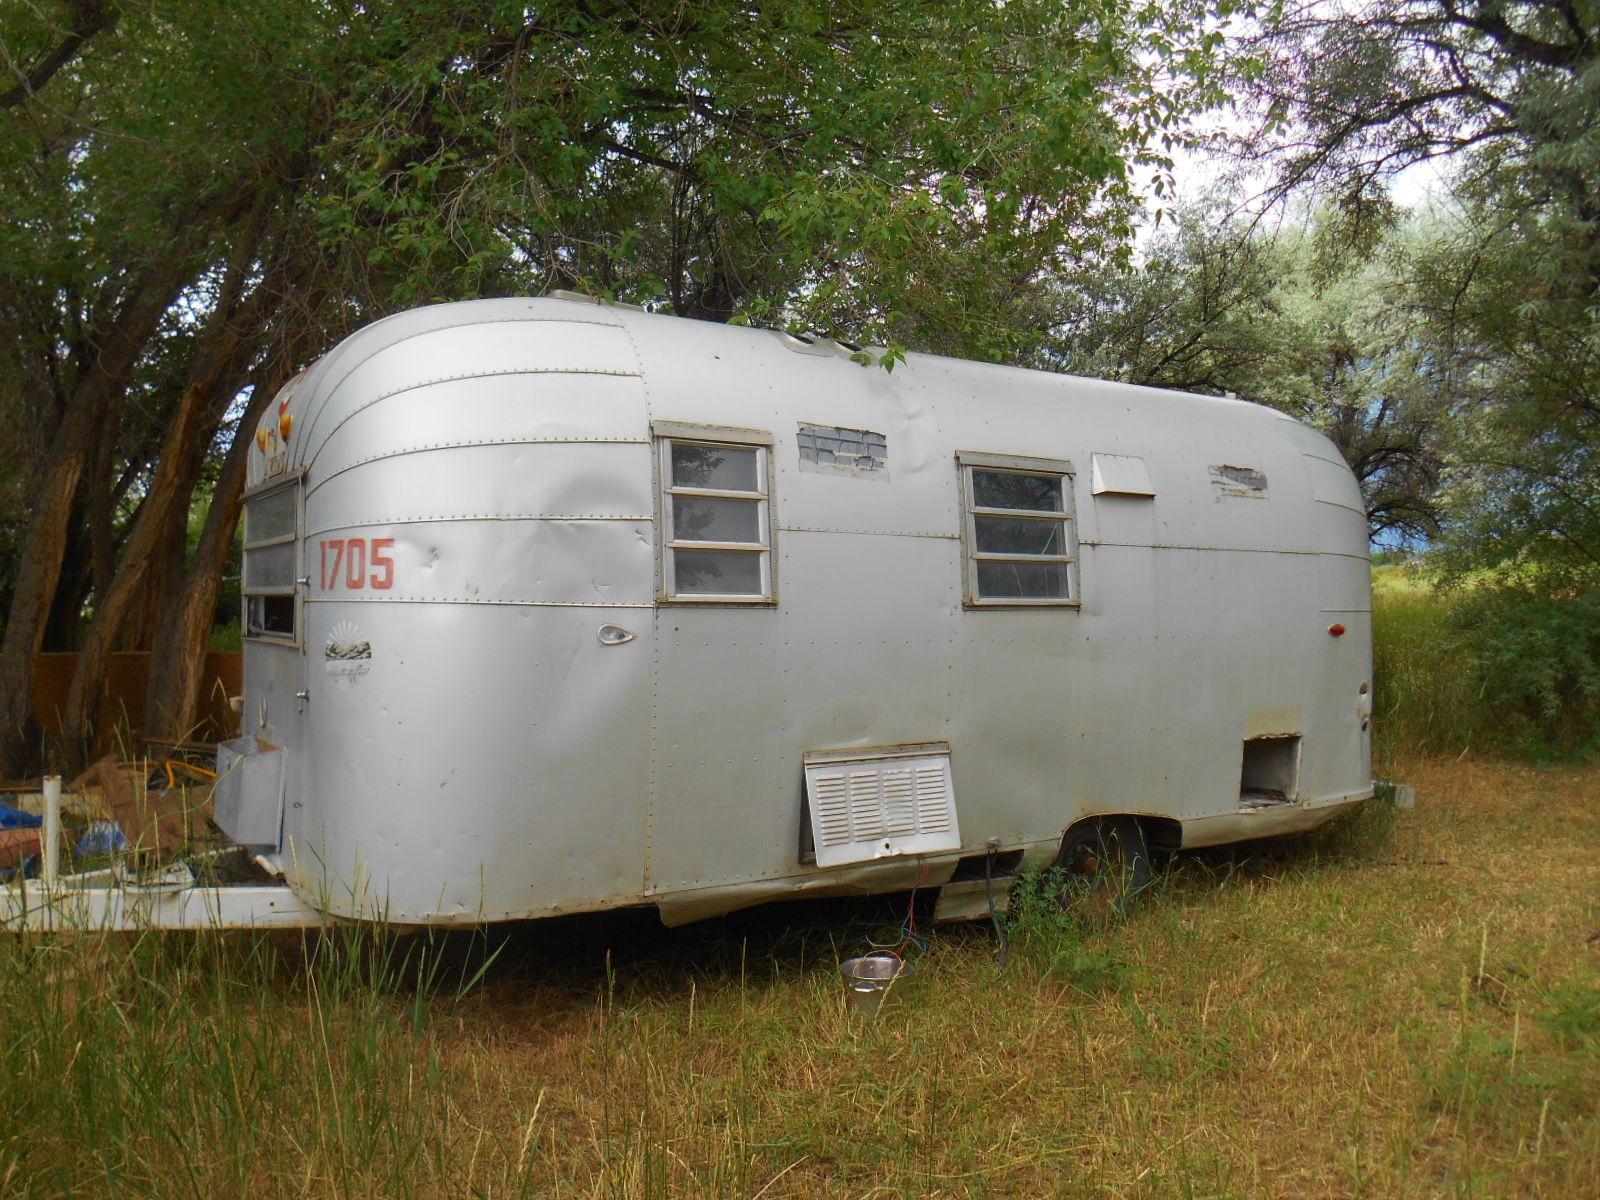 Silver avion camper vintage